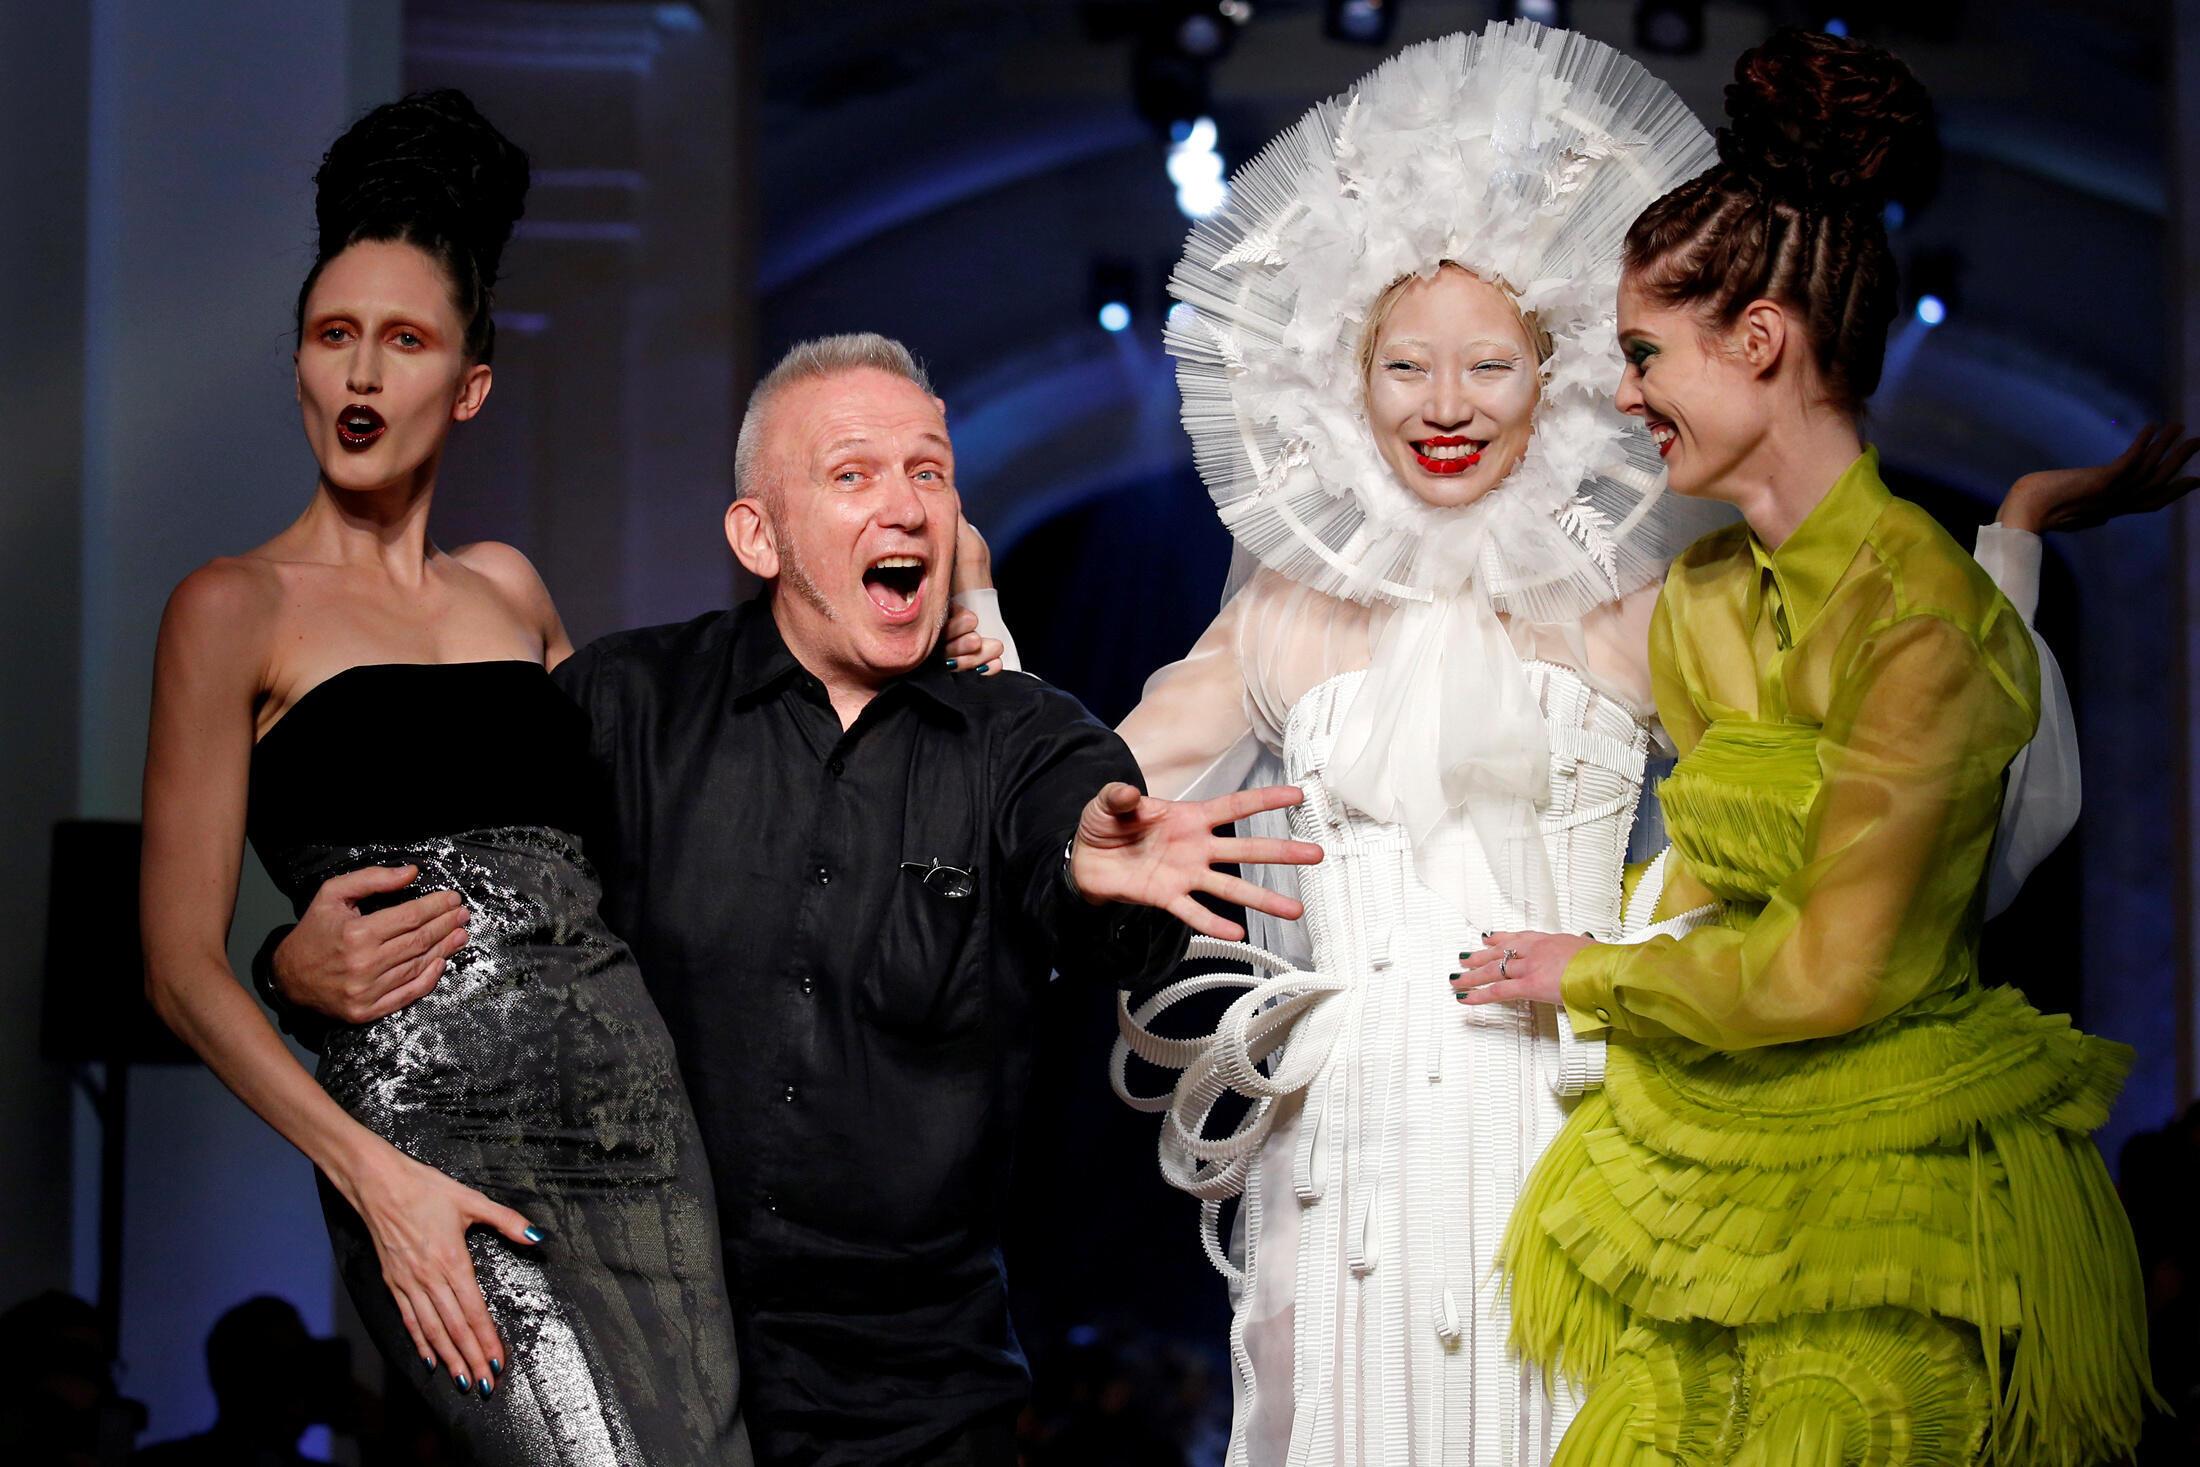 時裝設計師讓·保羅·戈蒂埃(Jean Paul Gaultier)2016年7月6日在自己的時裝秀結束時,和模特一起向公眾致意。。